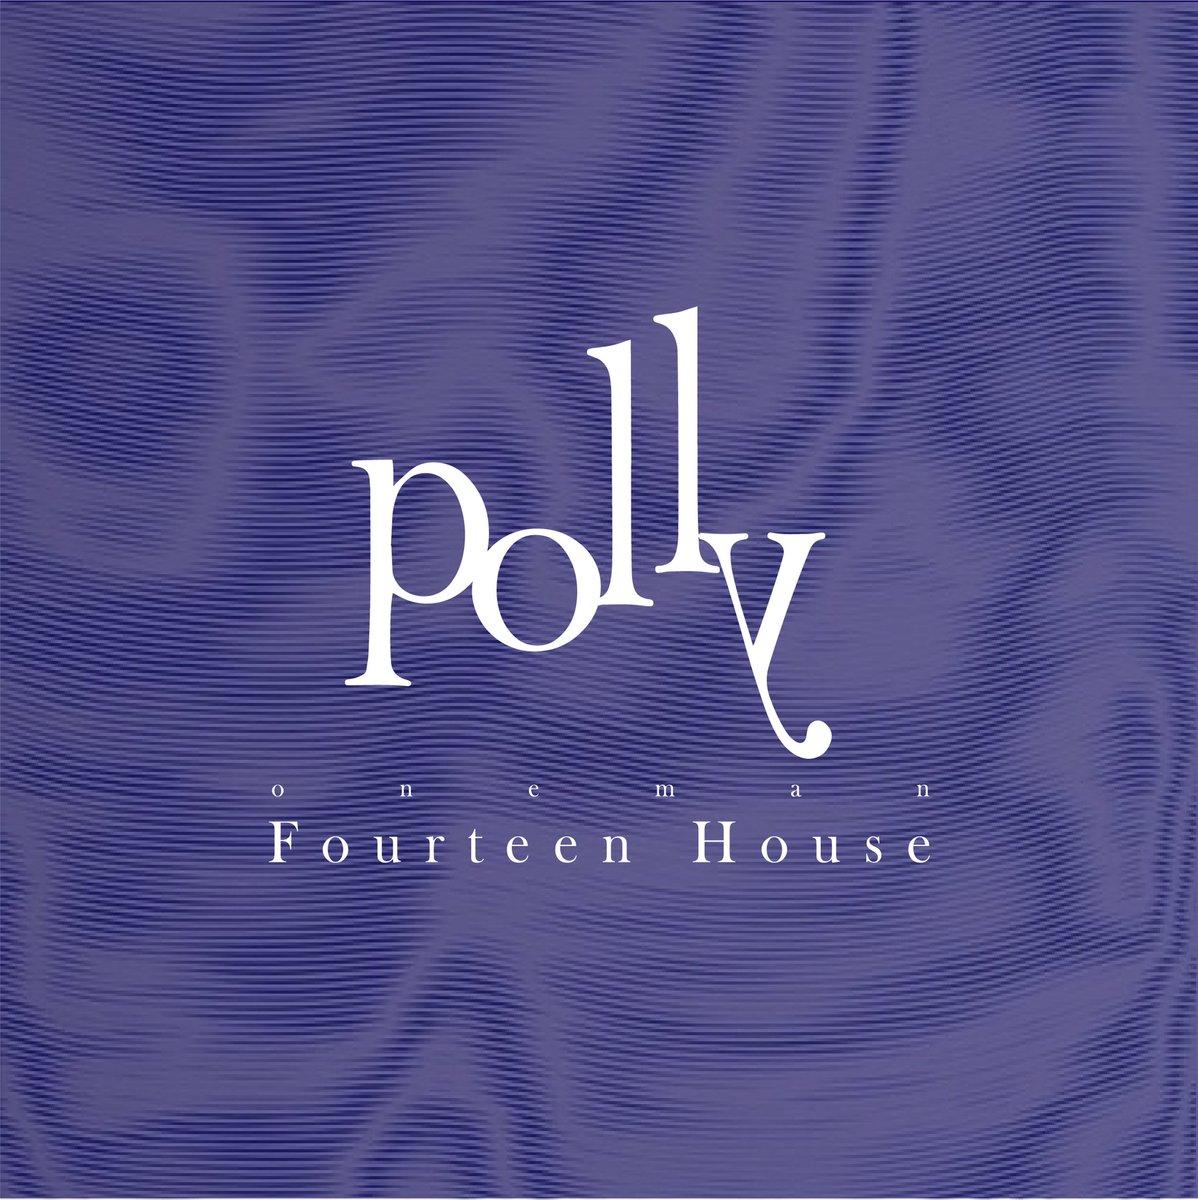 【Thank you】polly one man「Fourteen House」配信アーカイブ終了しましたご視聴してくださった皆様ありがとうございましたセットリストをまとめたプレイリストで引き続き「Fourteen House」をお楽しみください!●Apple Music●Spotify